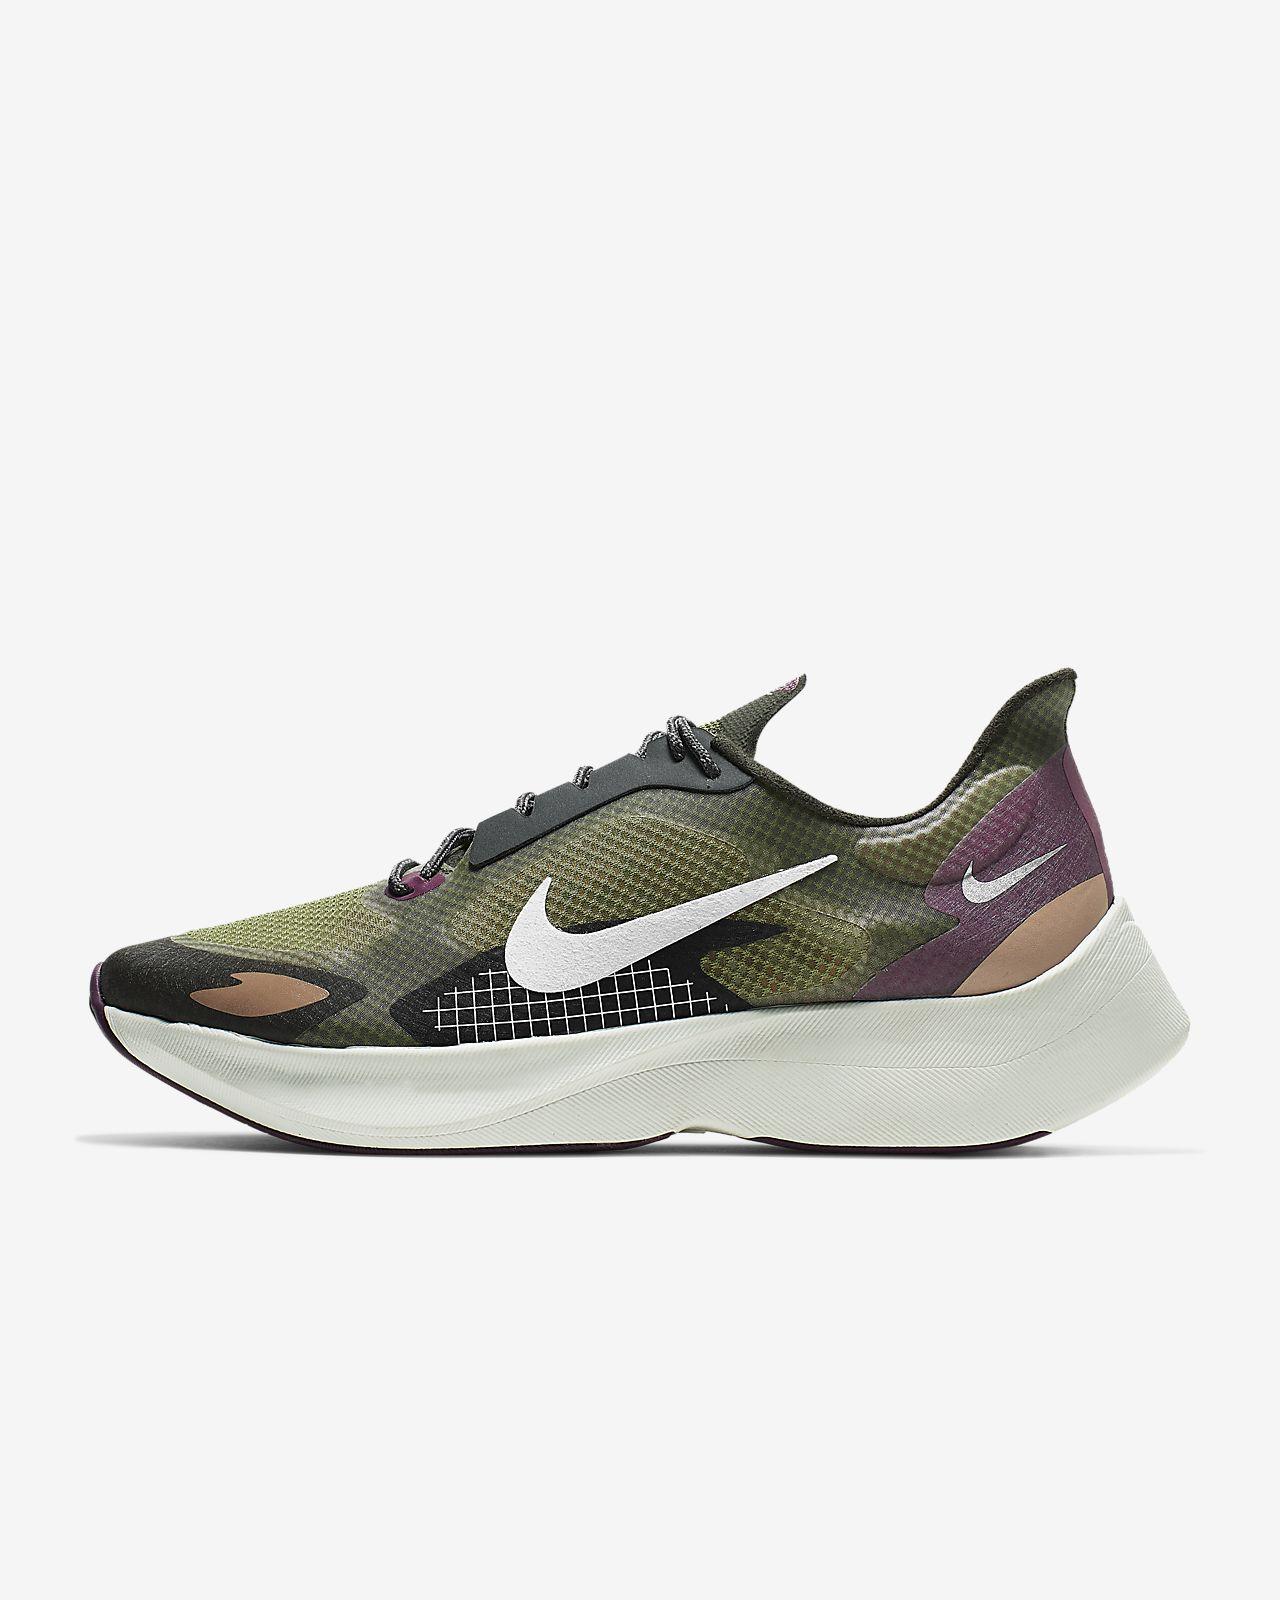 Nike Vapor Street PEG herresko